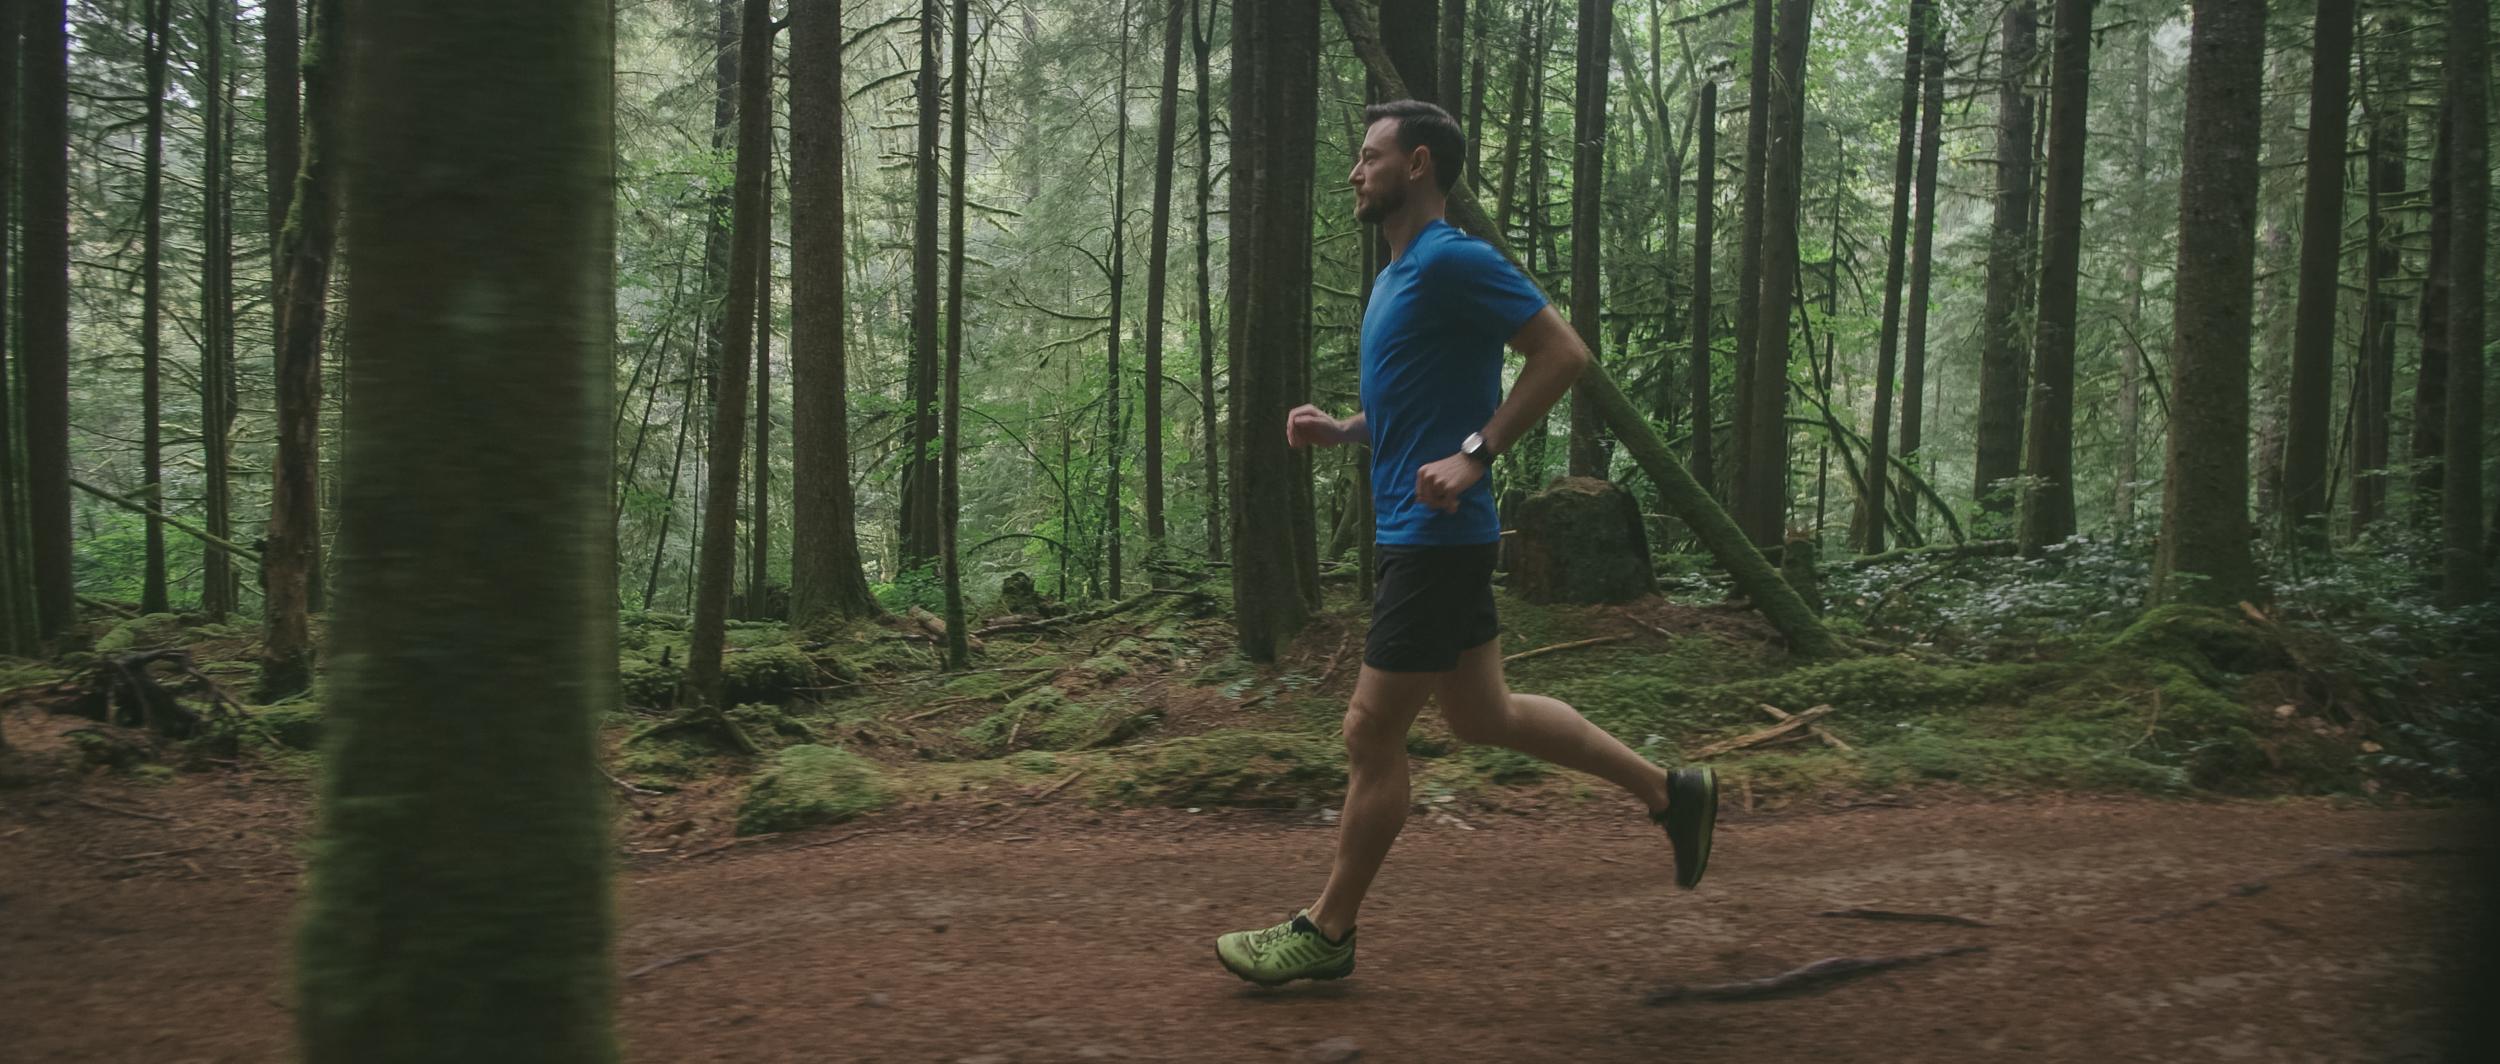 RUNNING FRAMES-3.jpg